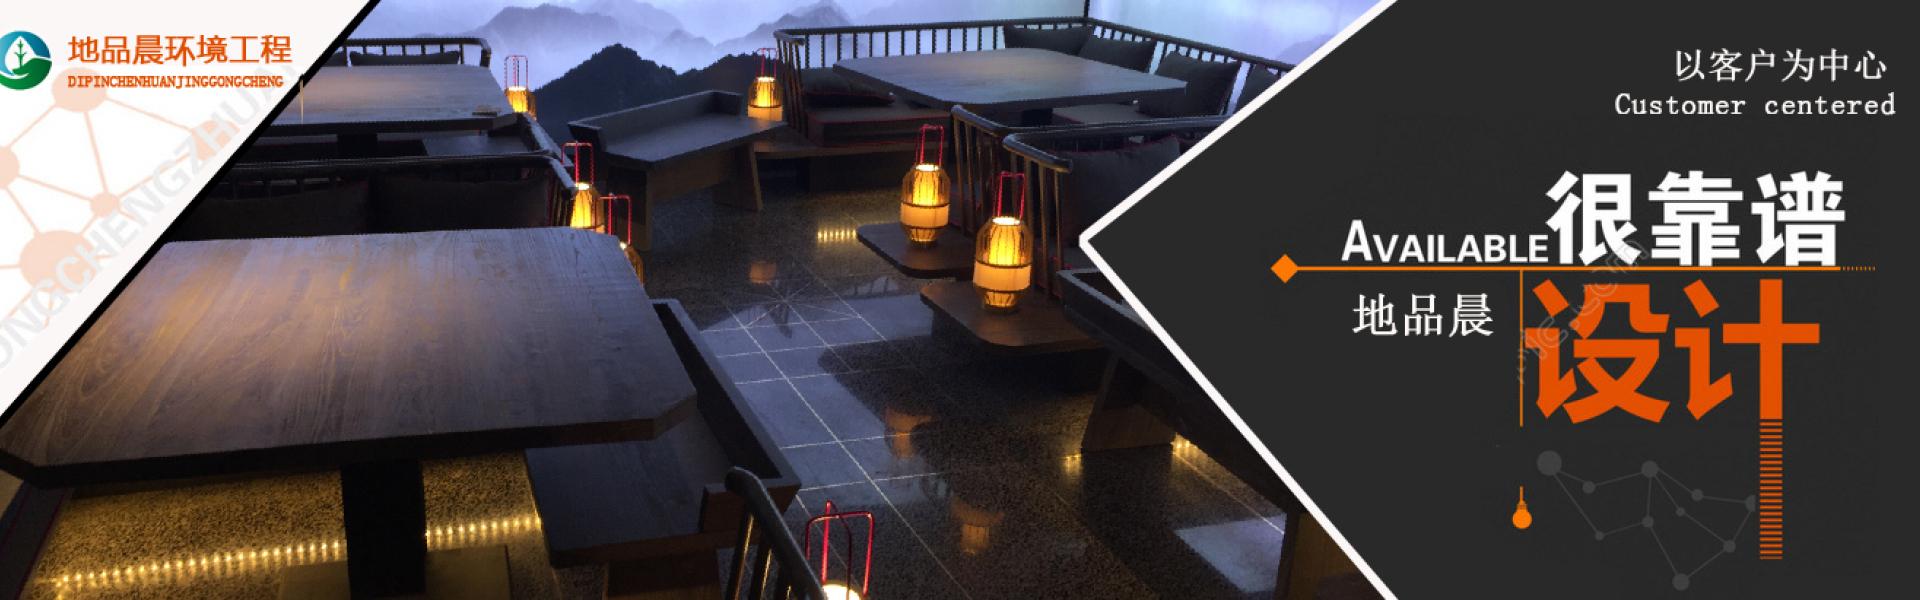 地品晨环境工程:以客户为中心、很靠谱、地品晨设计